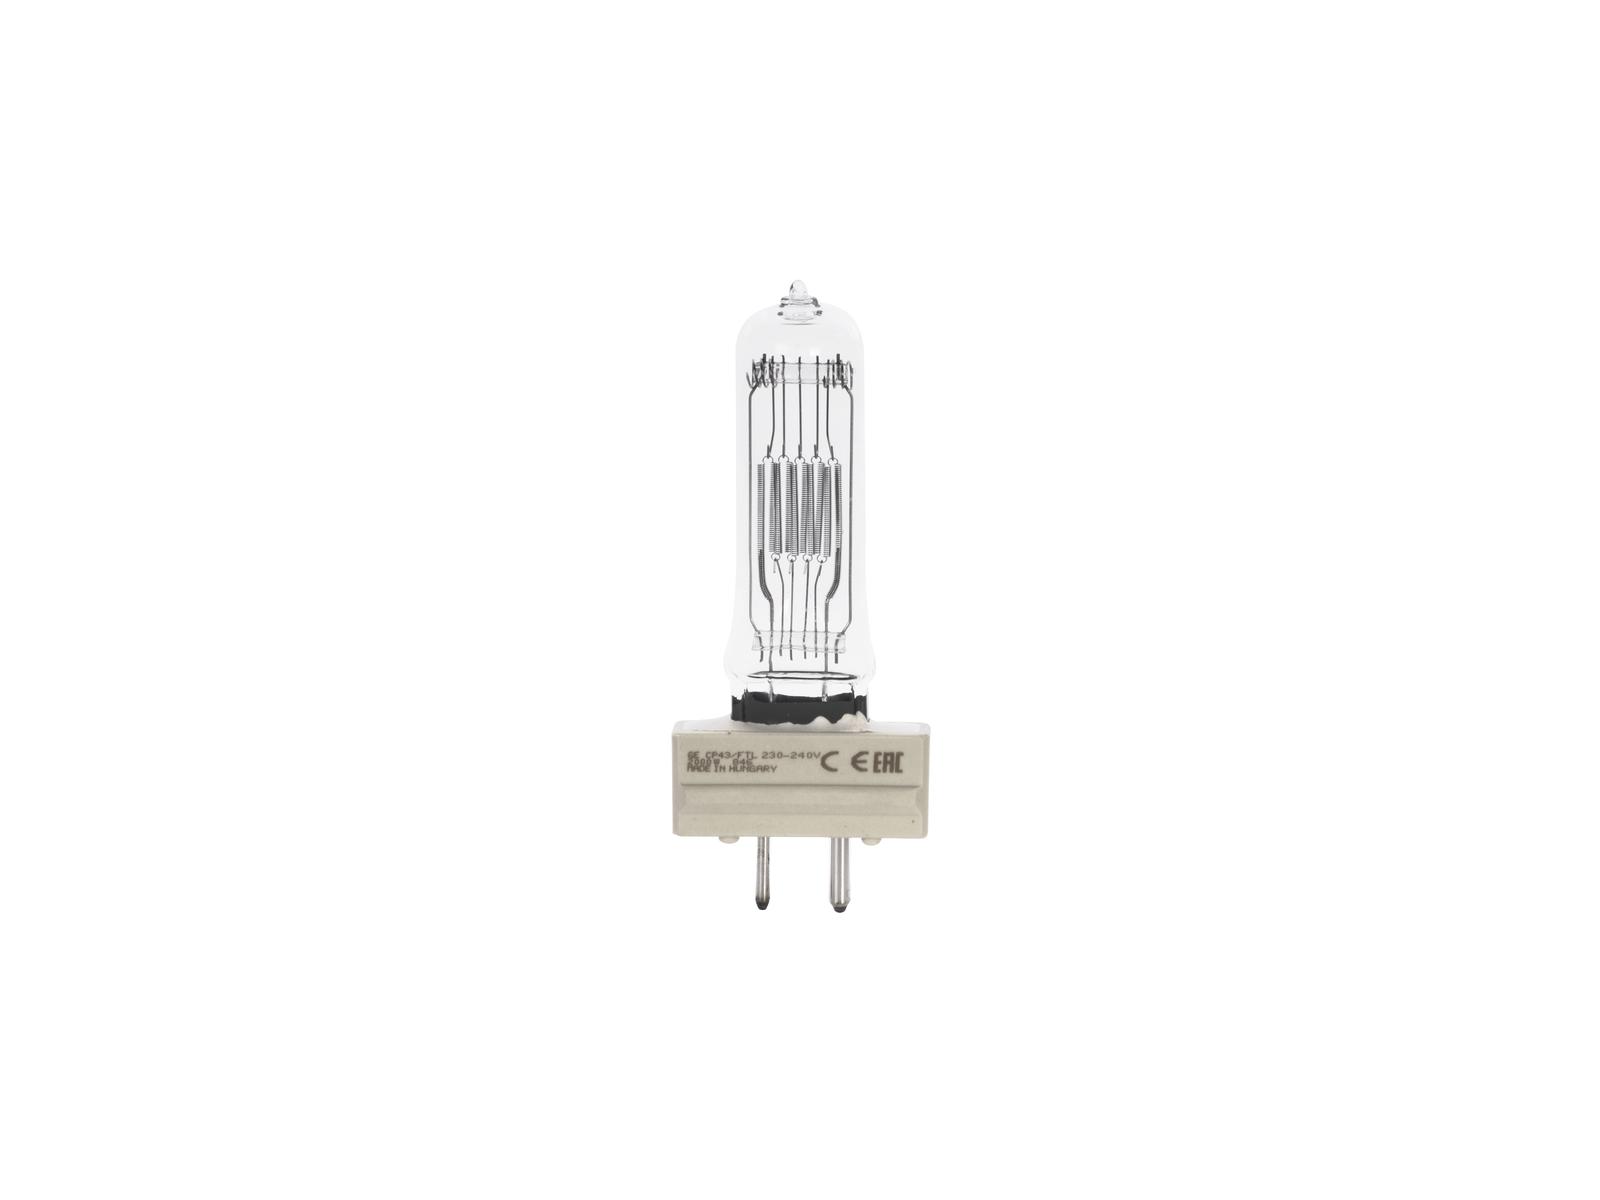 GE CP43 240V/2000W GY-16 400h 3200K